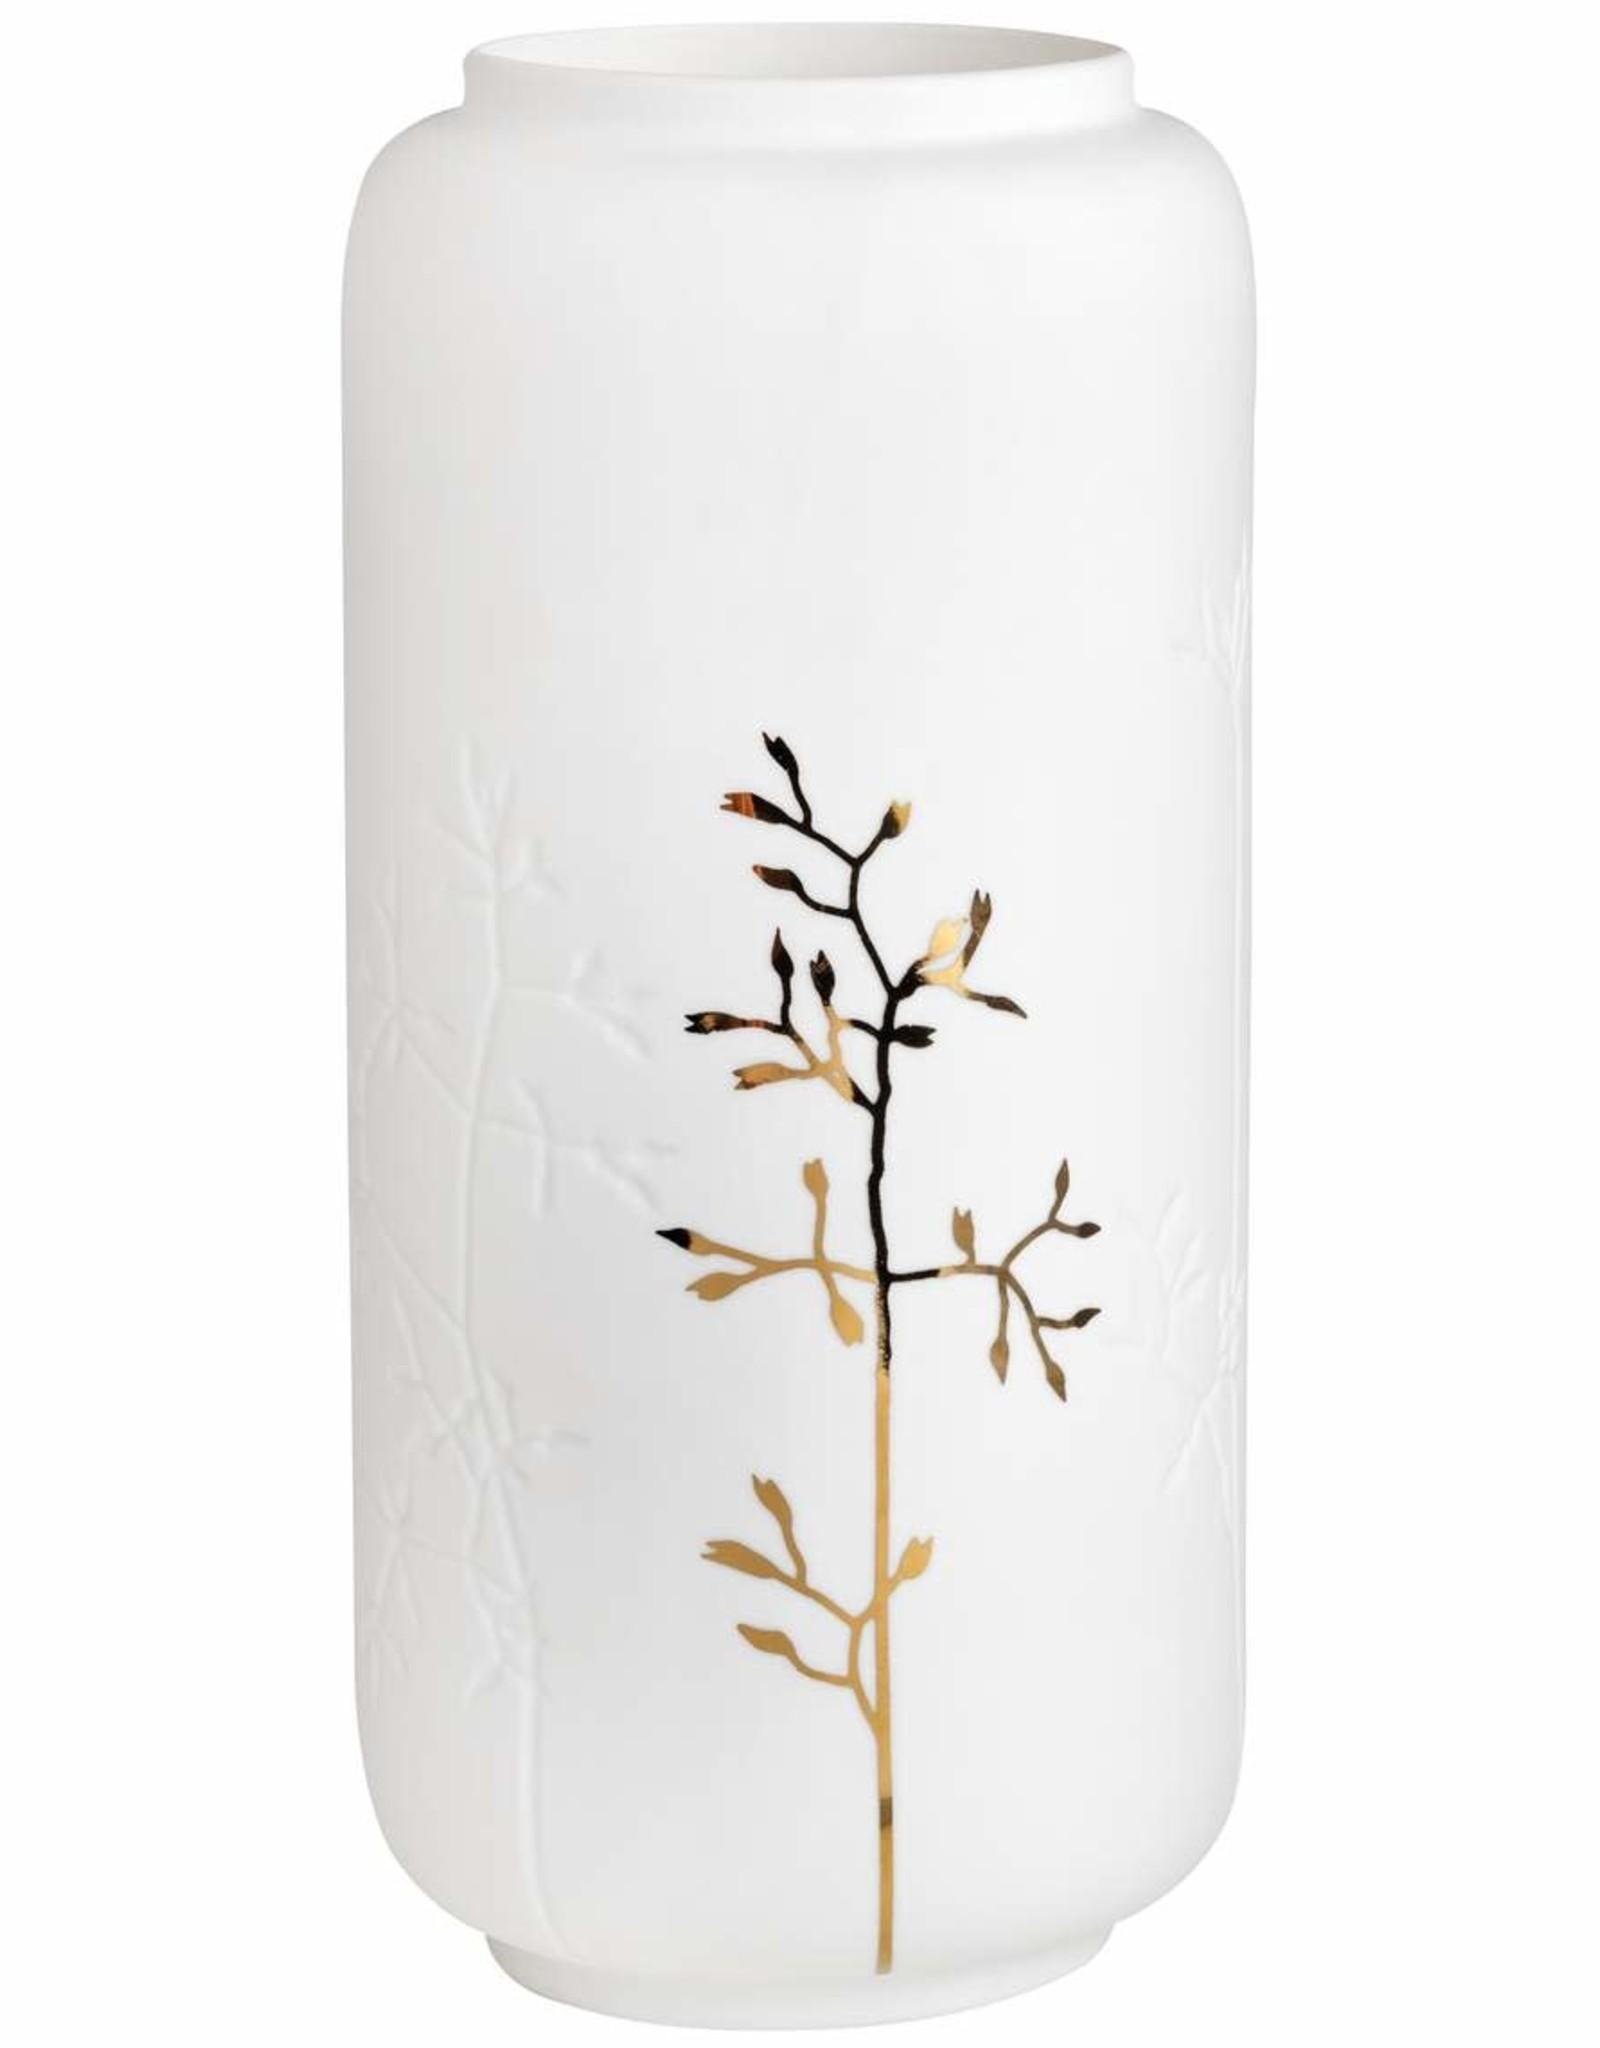 Räder Räder - Gold twig vase